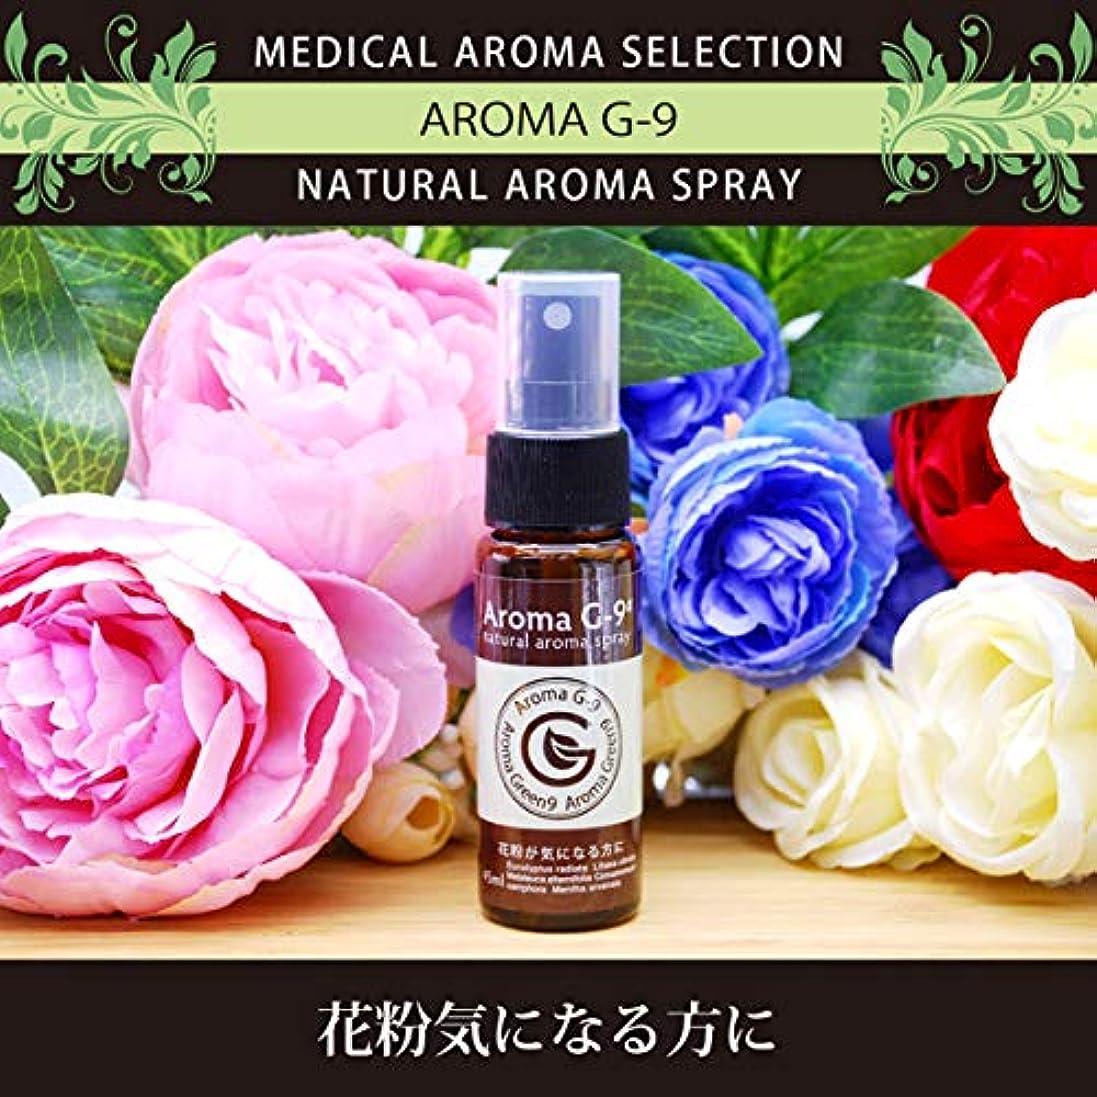 ハシー悲惨病気のアロマスプレー Aroma G-9# 花粉症アロマスプレー 45ml